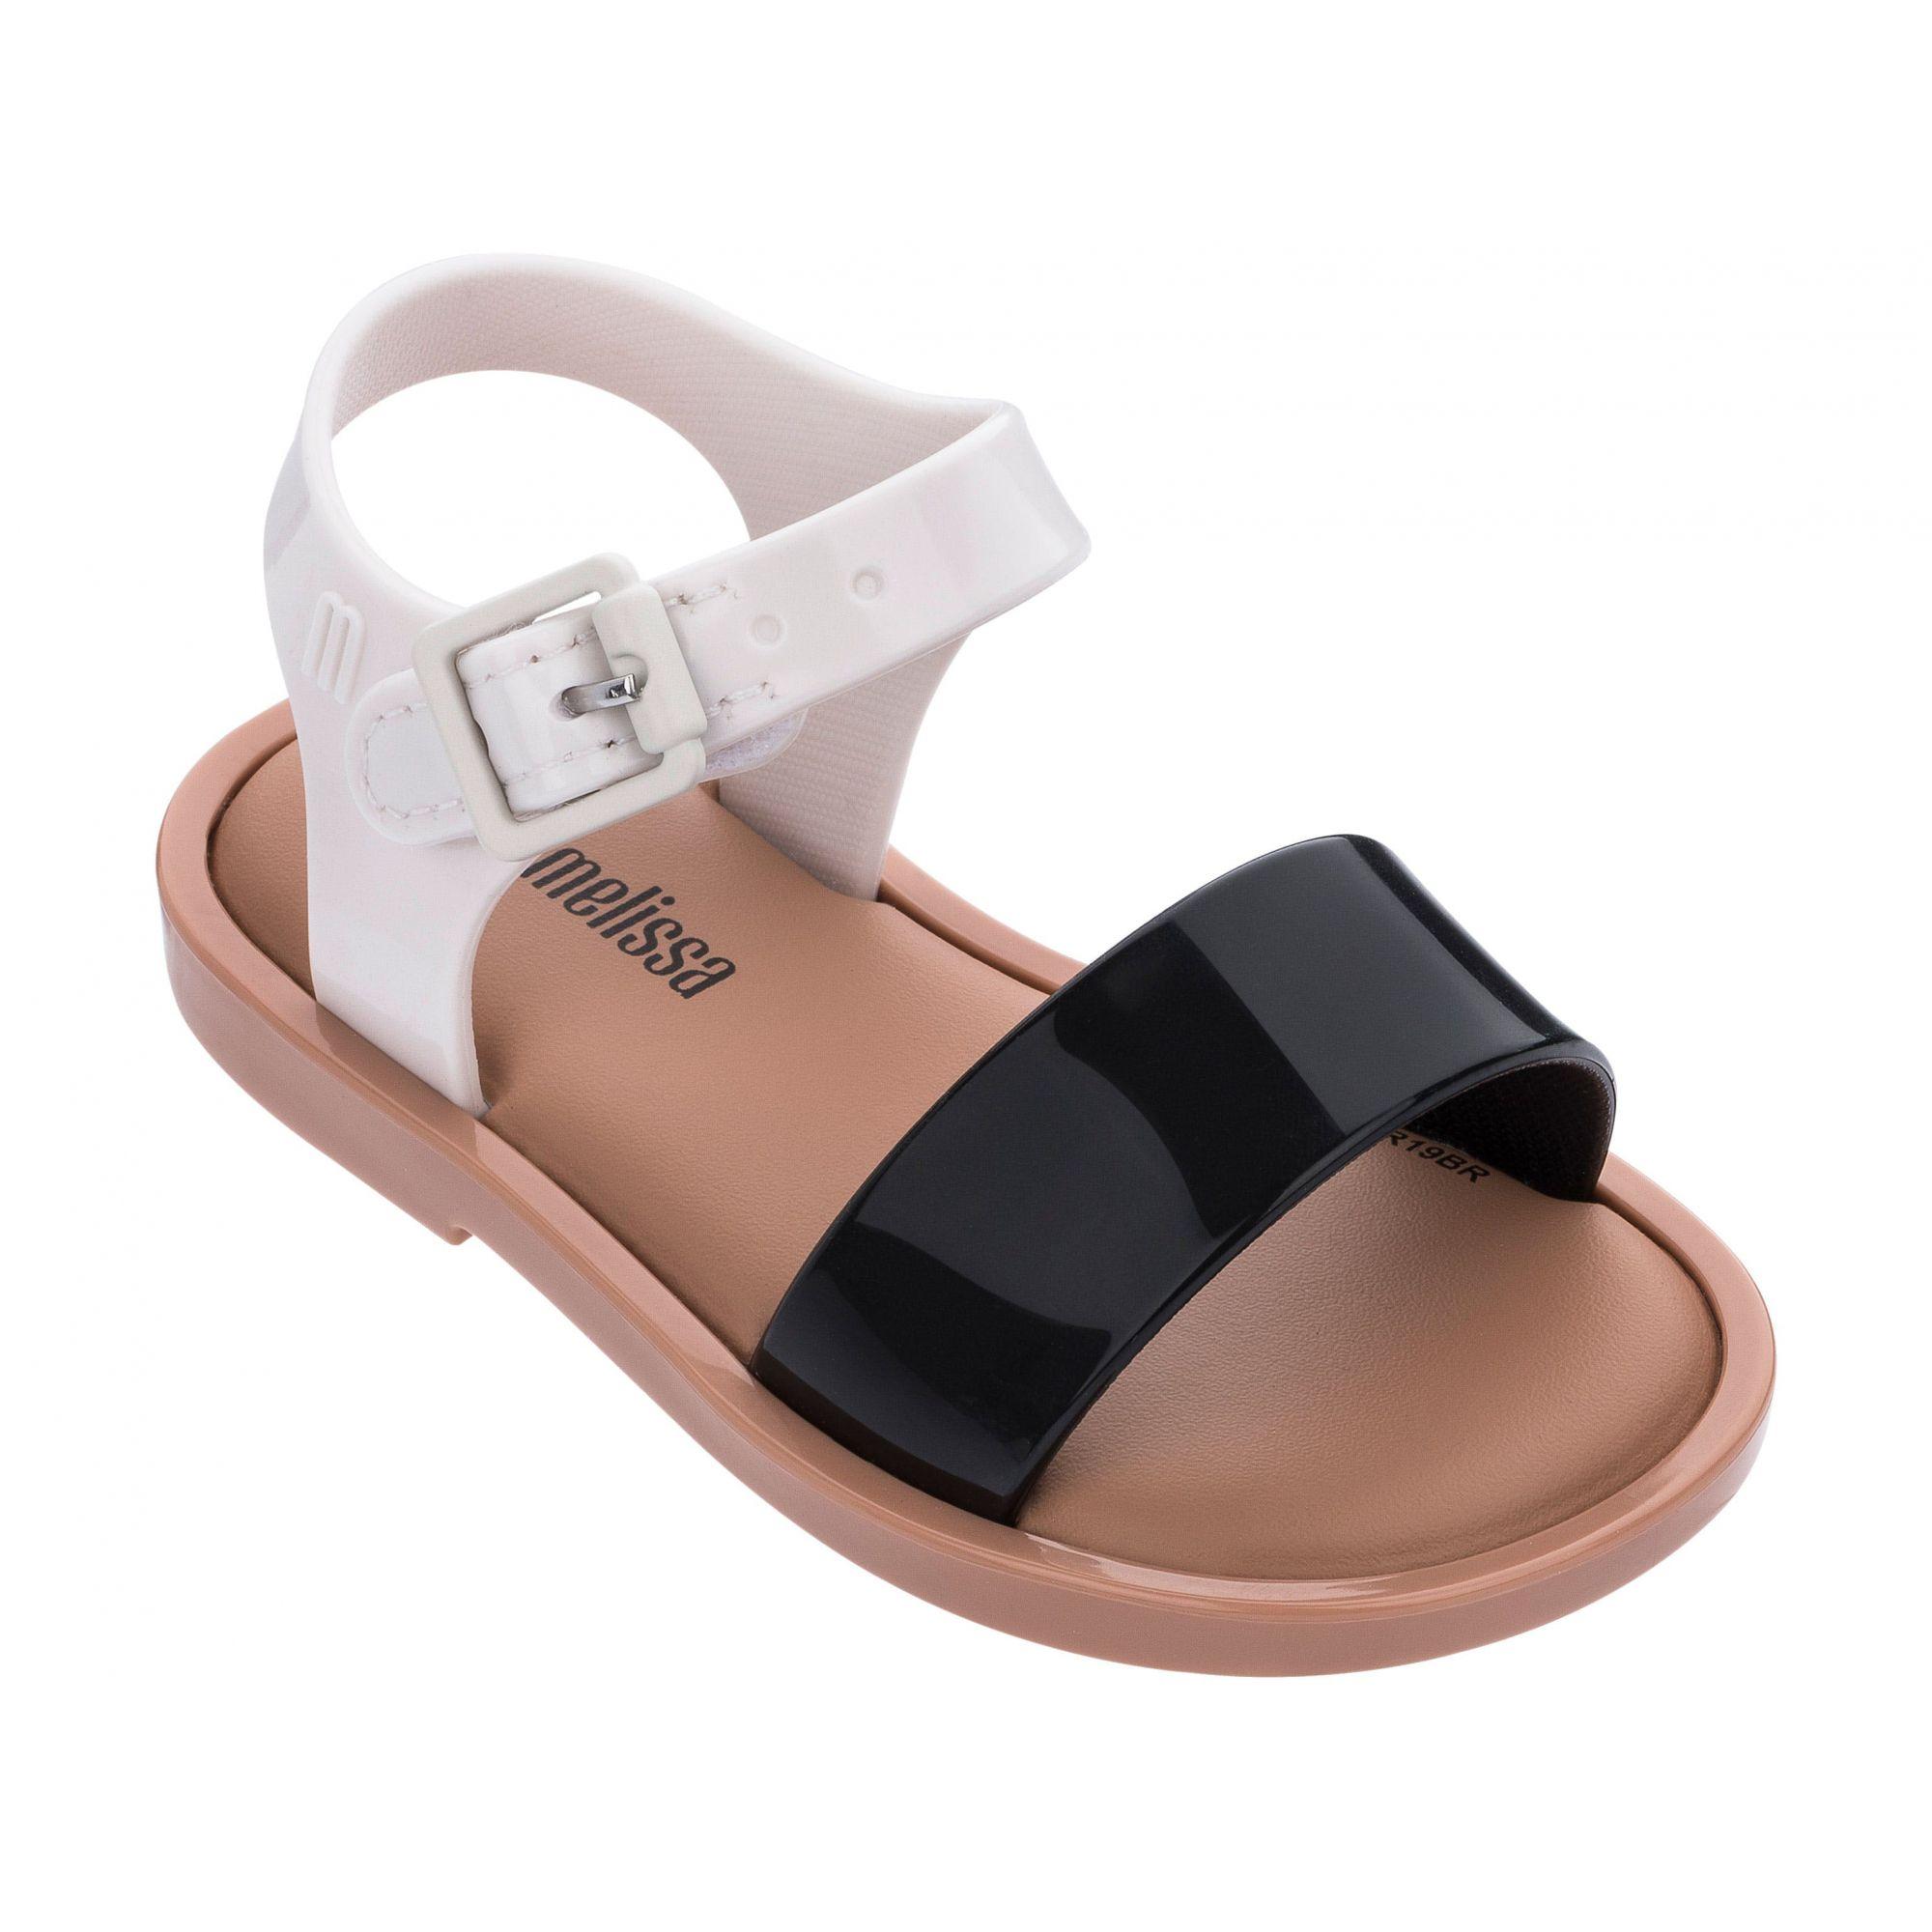 Mini Melissa Mar Sandal IV Preto Branco Marron